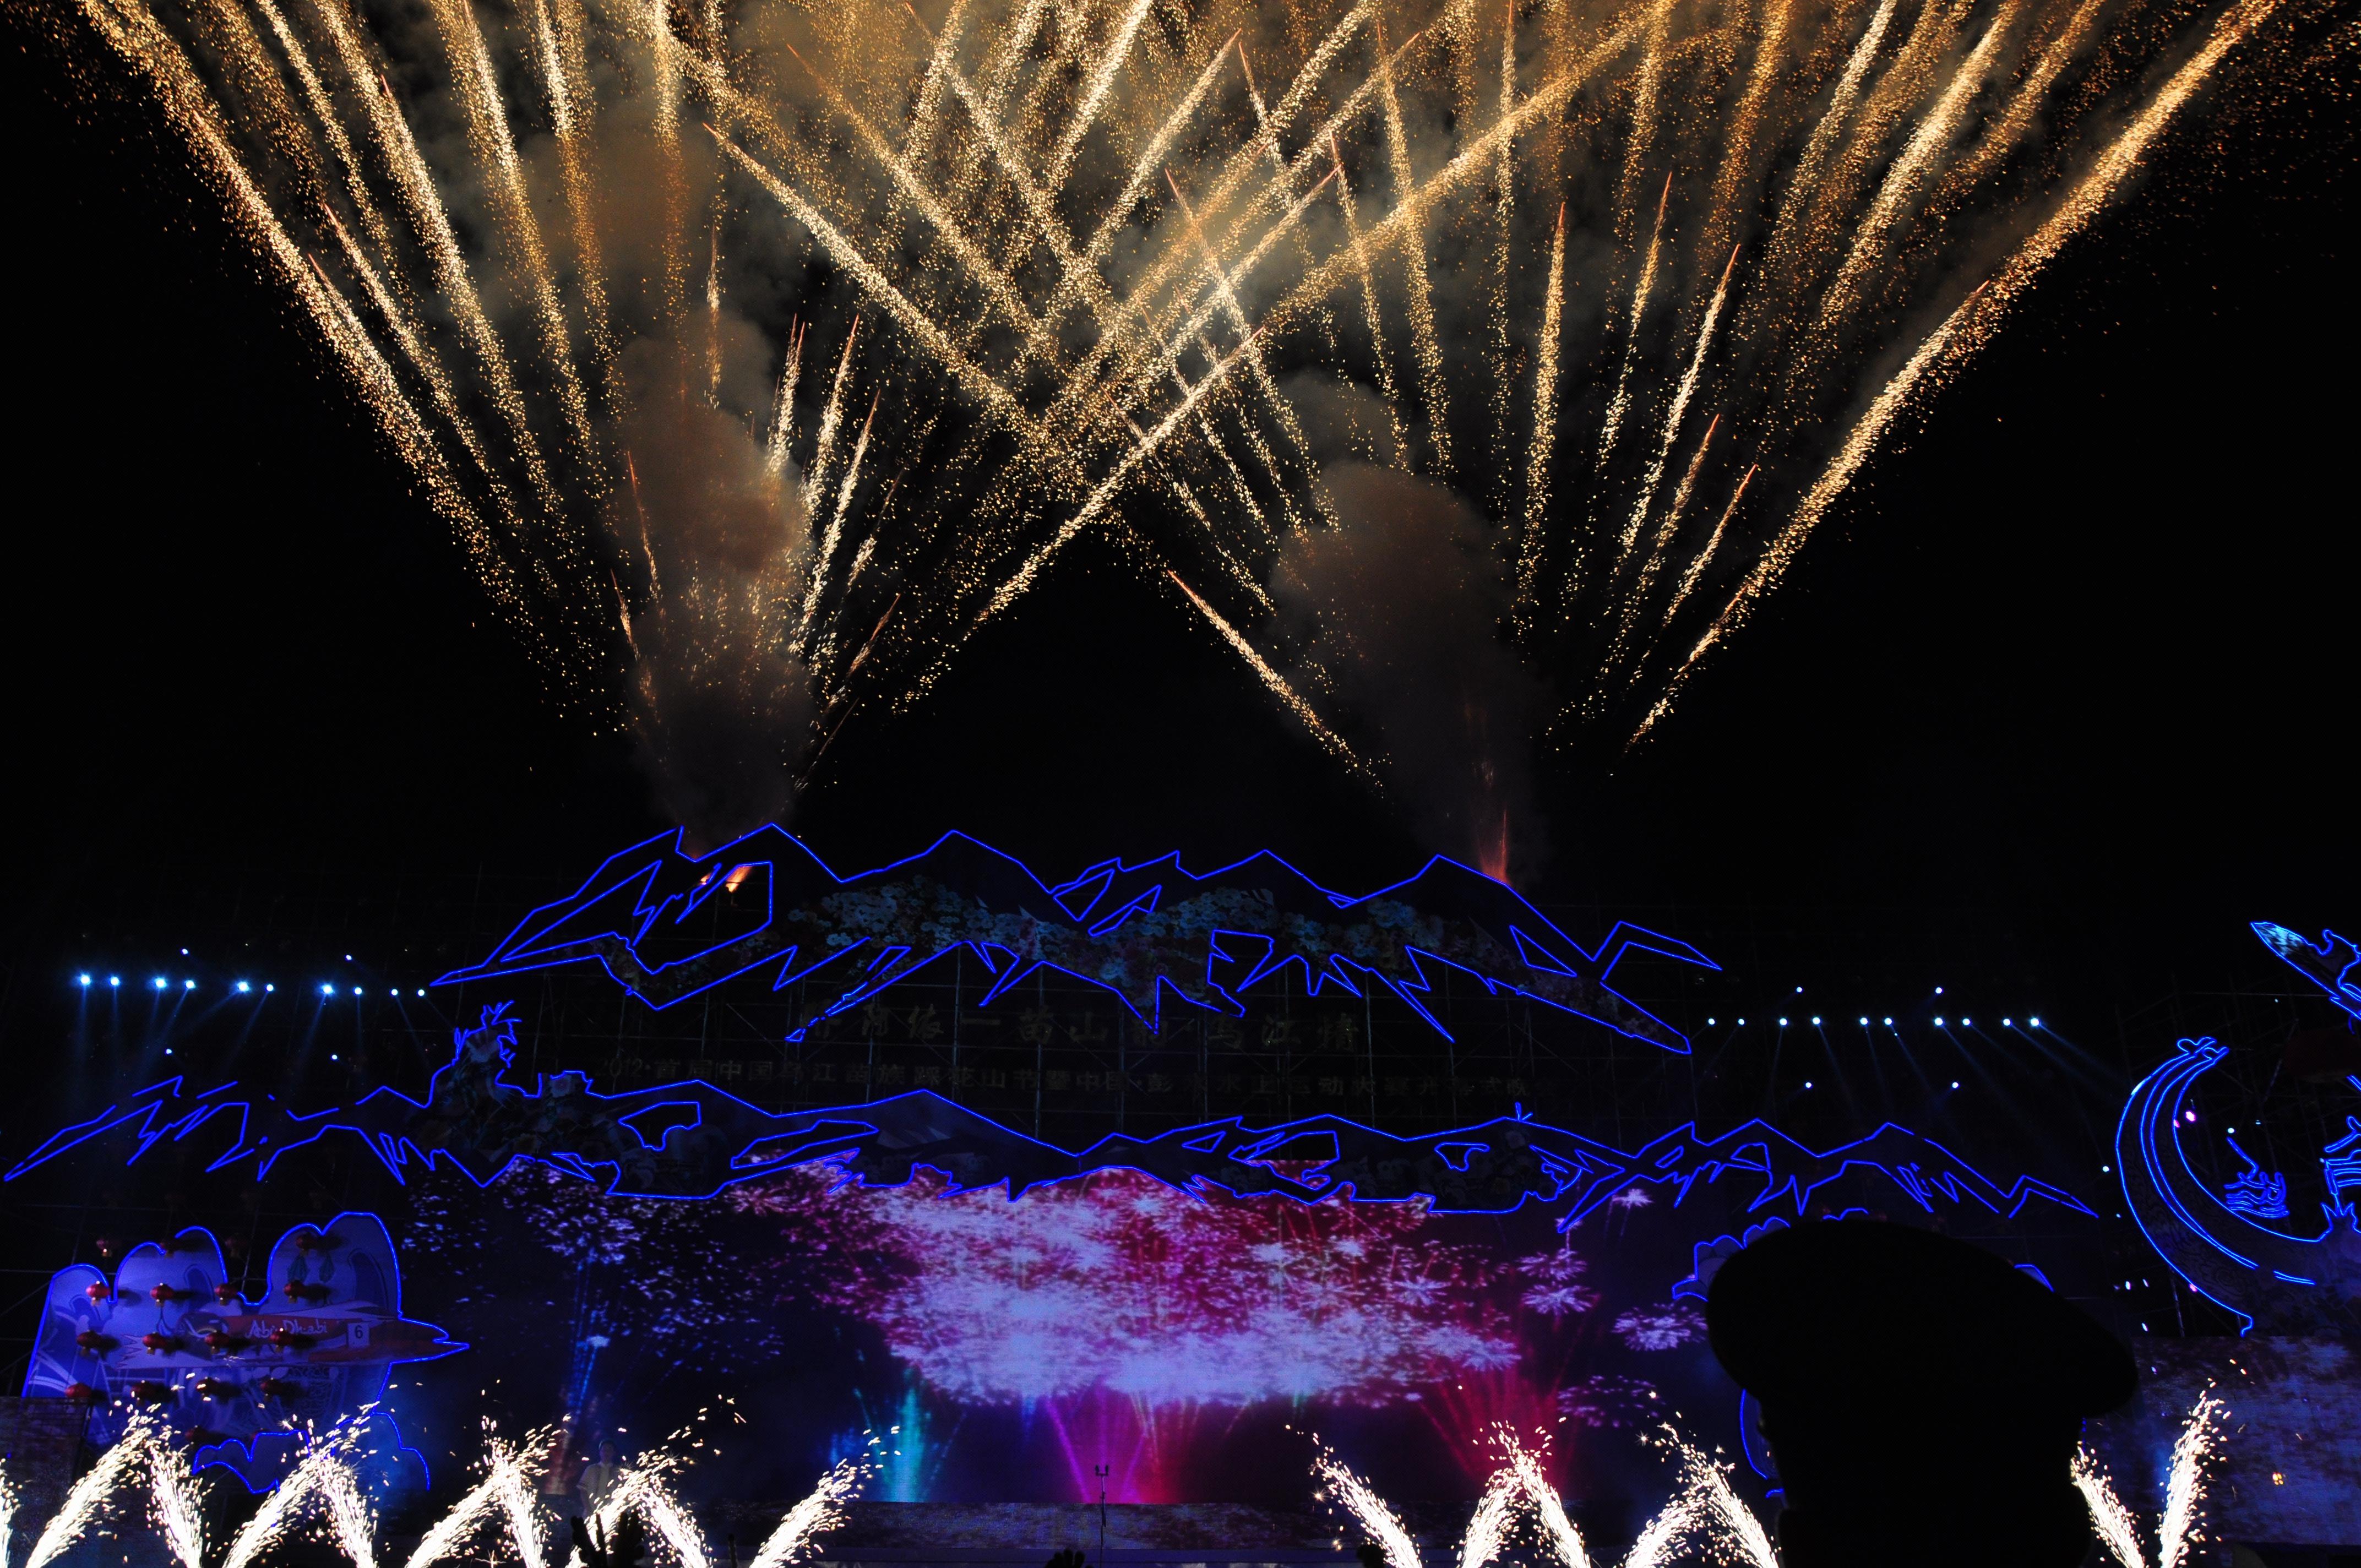 会议会展活动舞台舞美设计/搭建/灯光音响LED屏搭建